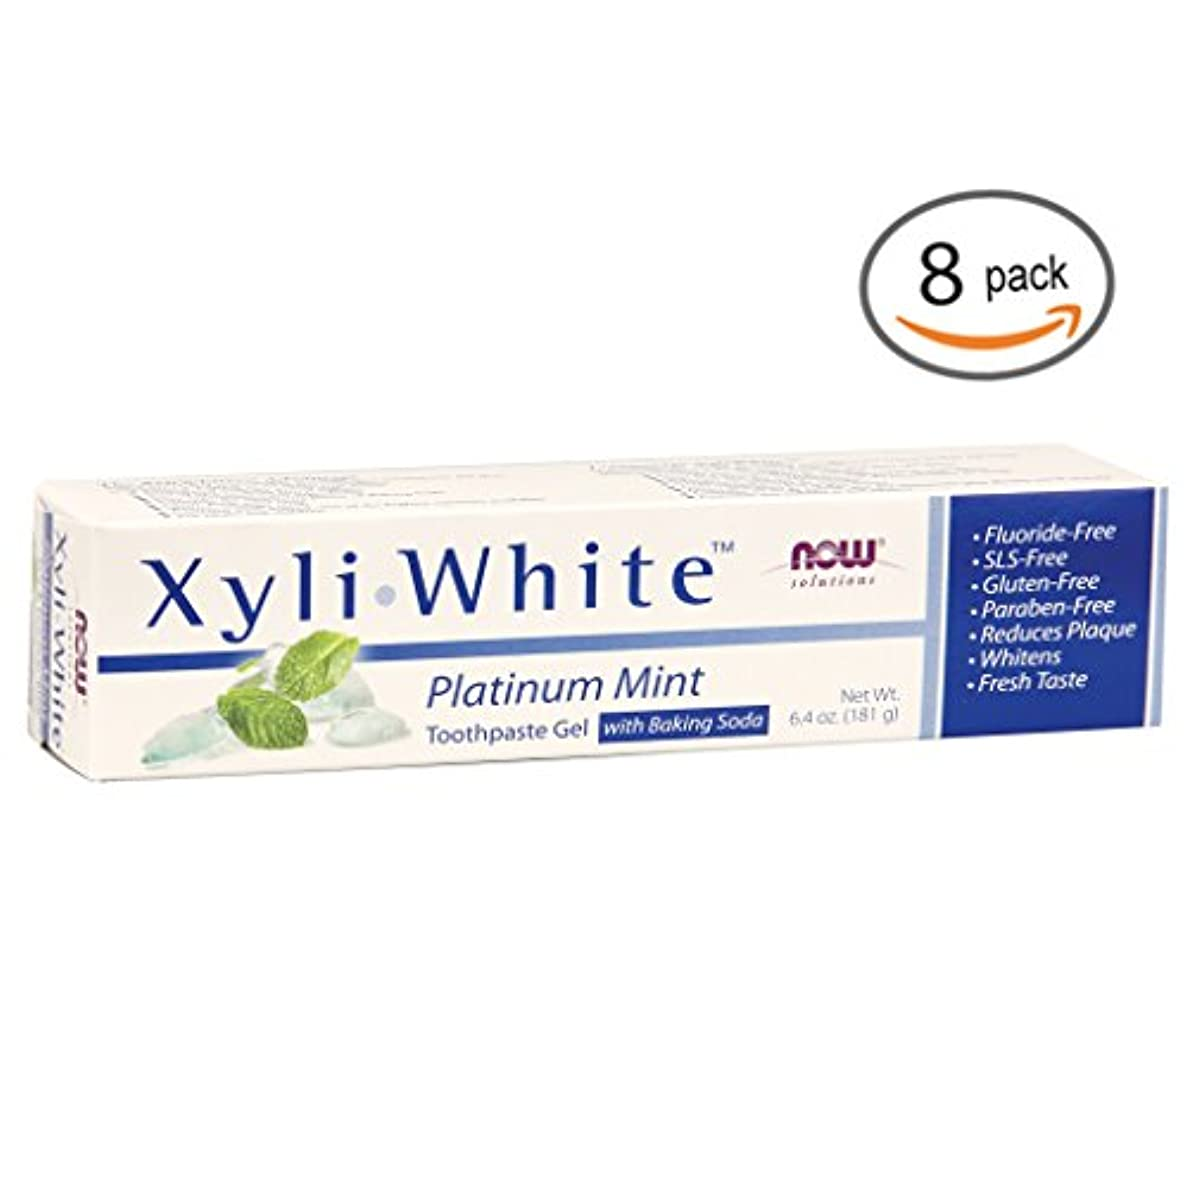 みなさんロマンチック商業のキシリホワイト 歯磨き粉  プラチナミント+ベーキングソーダ 182g 2個パック